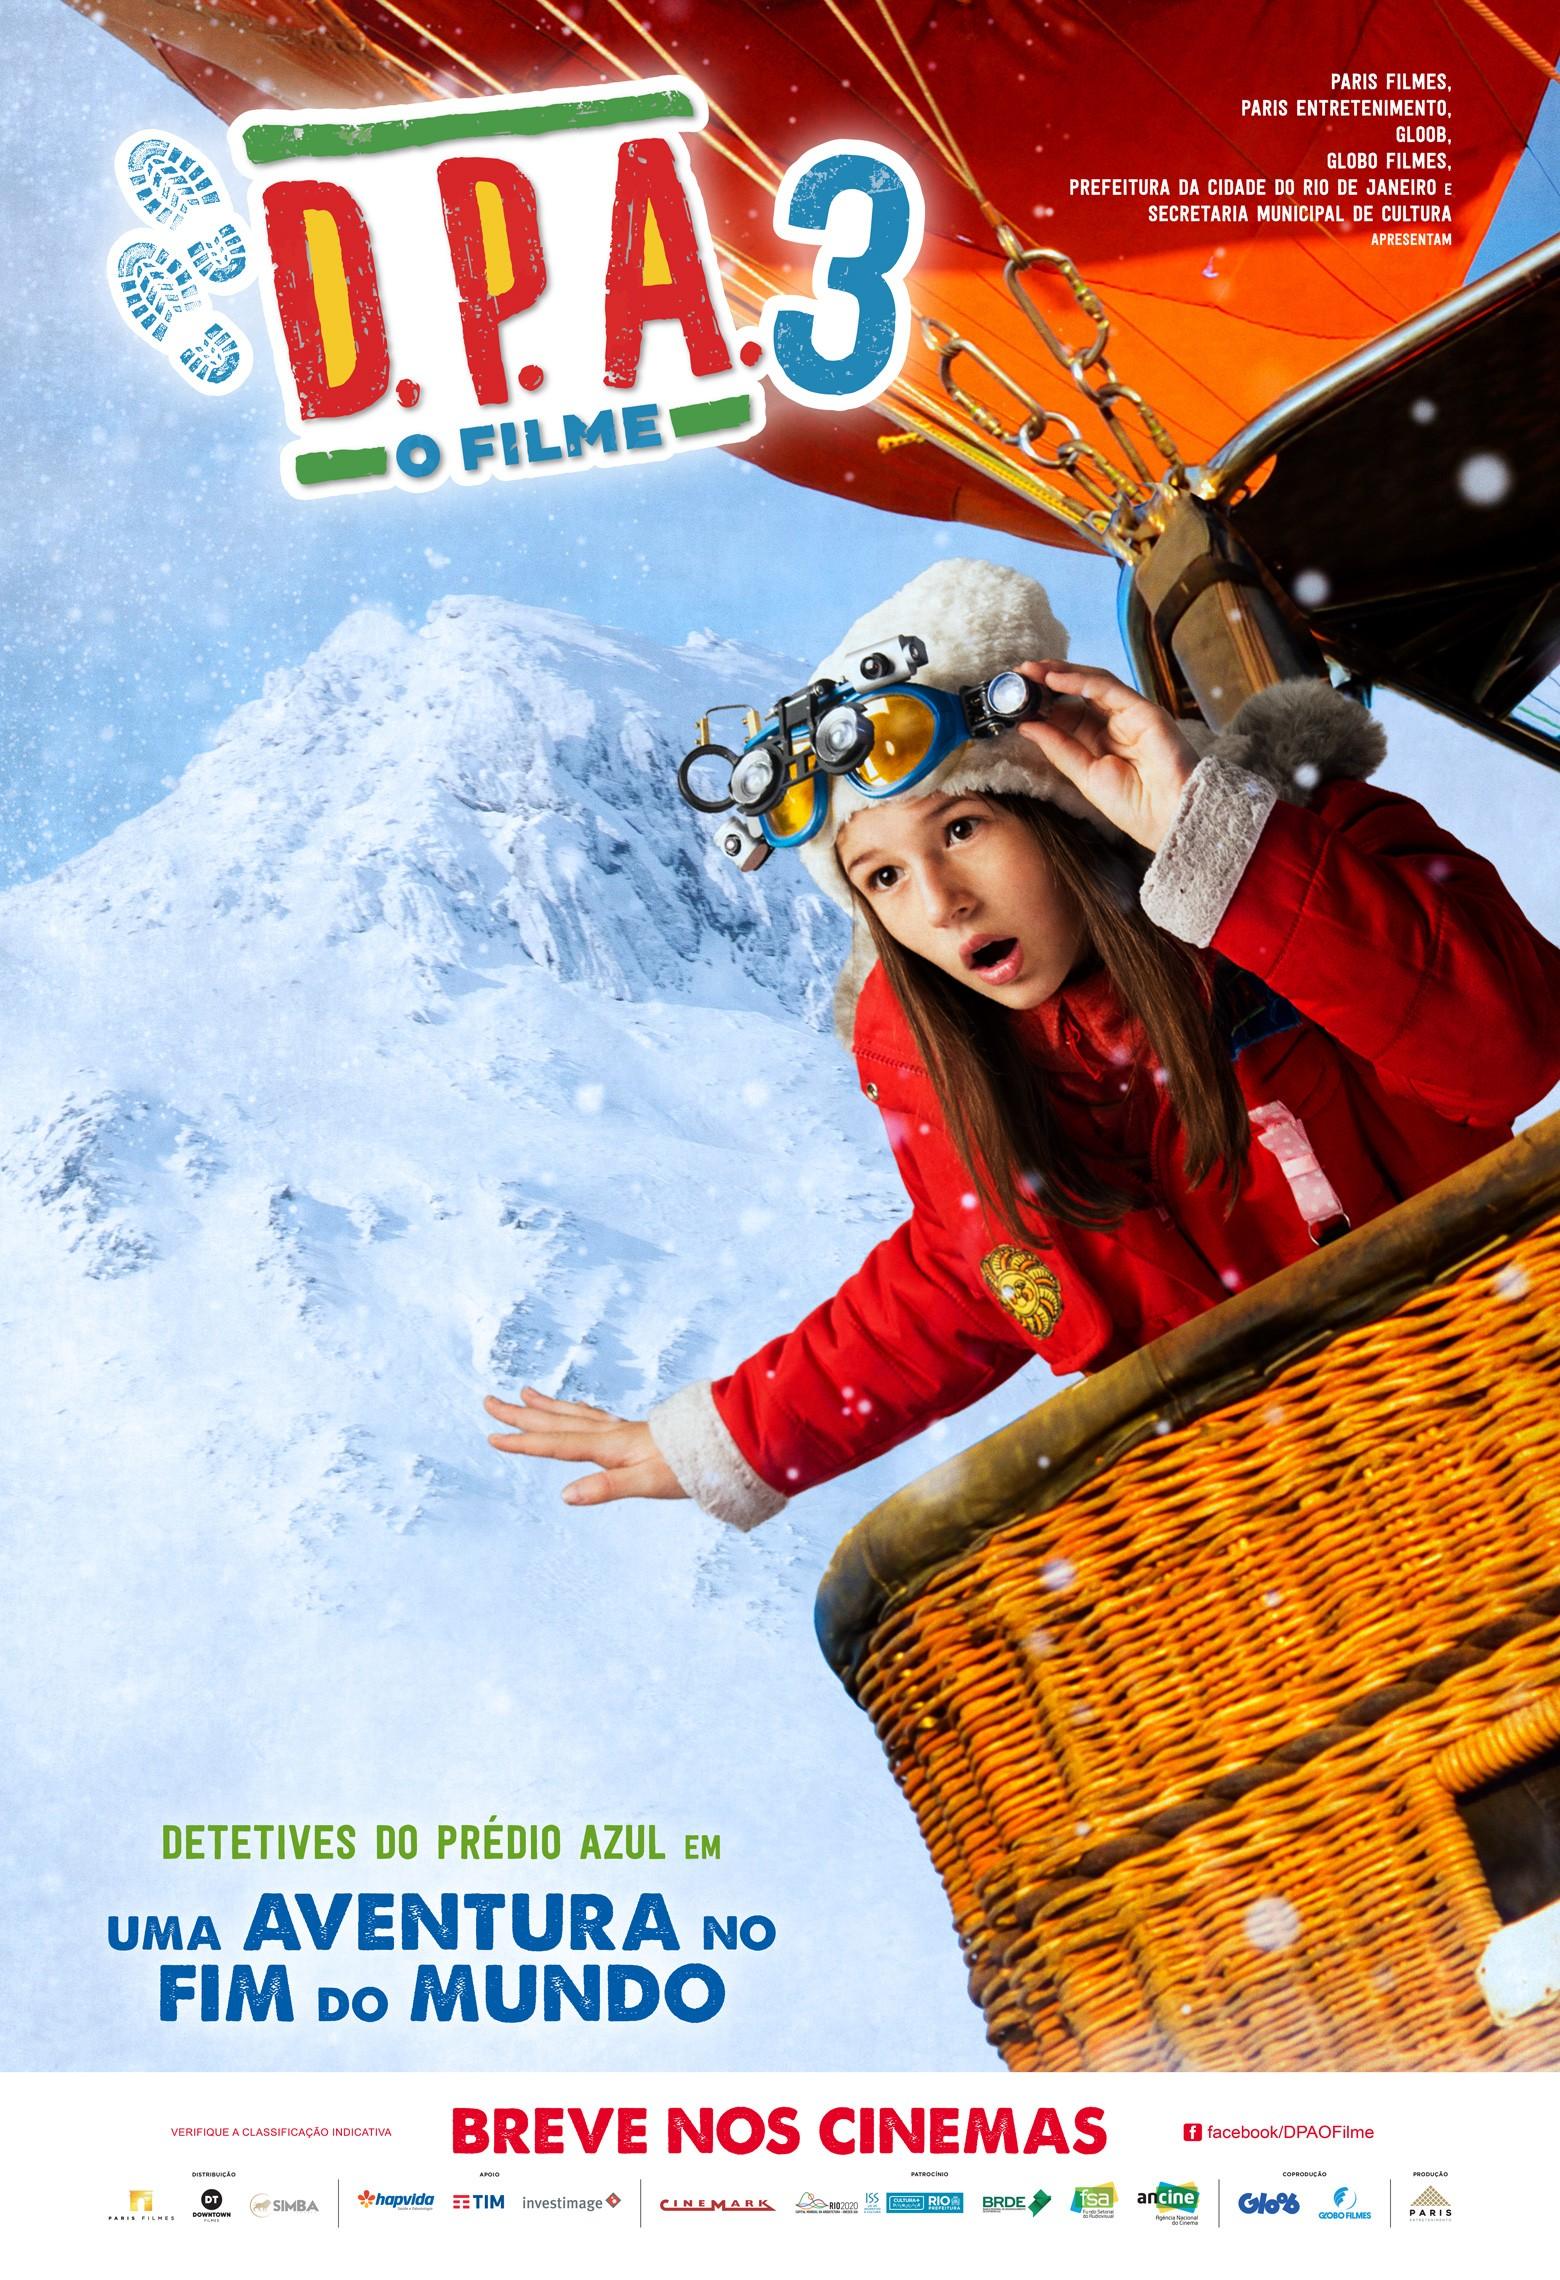 Download Filme Detetives do Prédio Azul 3 Uma Aventura no Fim do Mundo Torrent 2021 Qualidade Hd